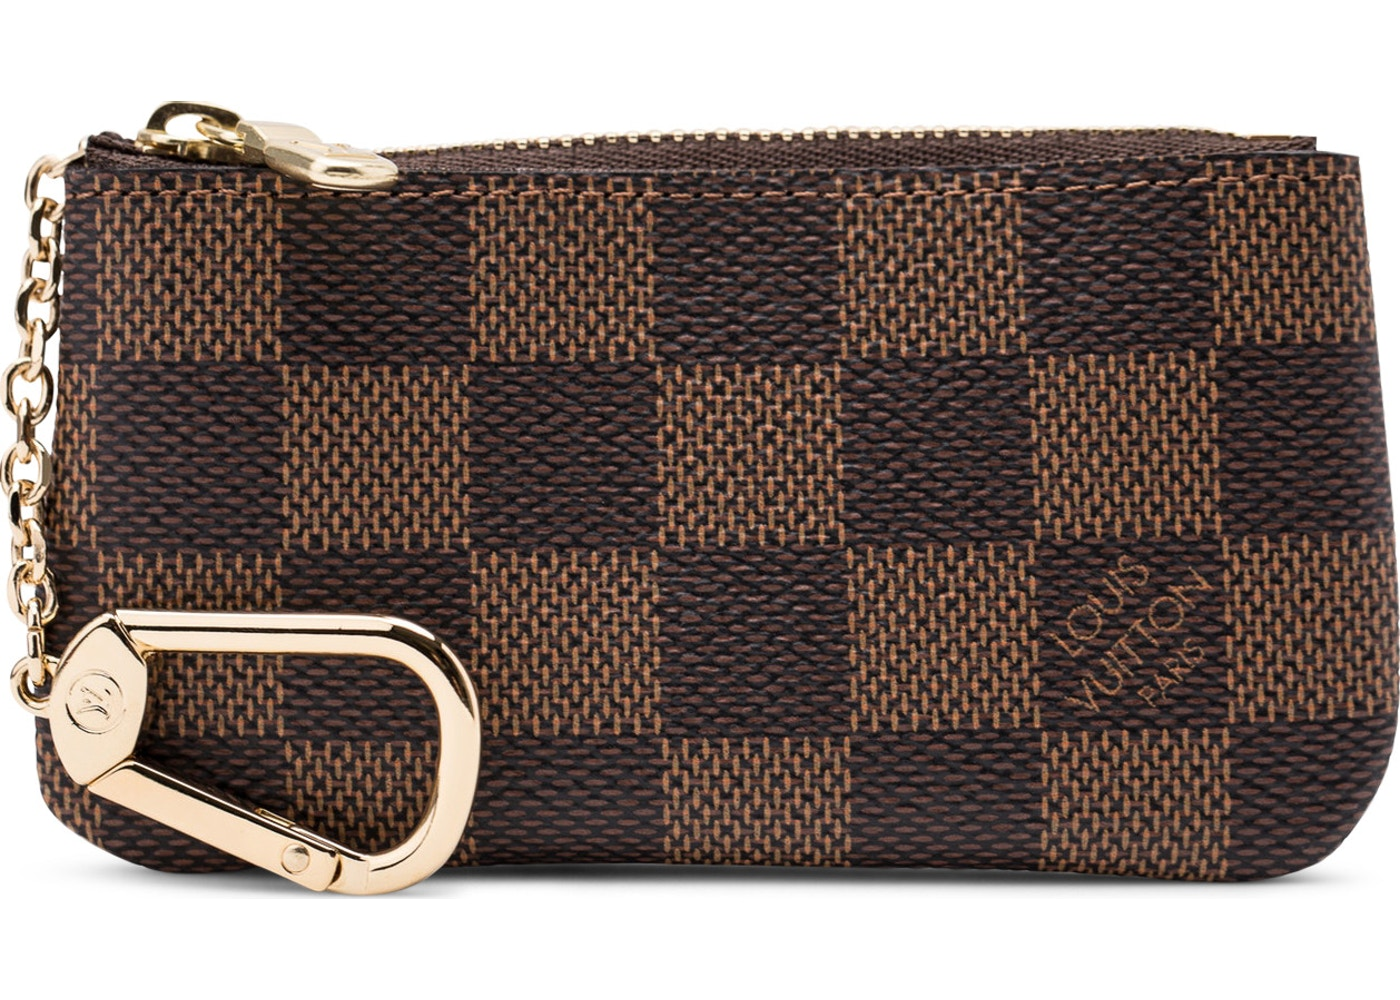 233f3a15ed8 Louis Vuitton Key Pouch Damier Ebene. Damier Ebene